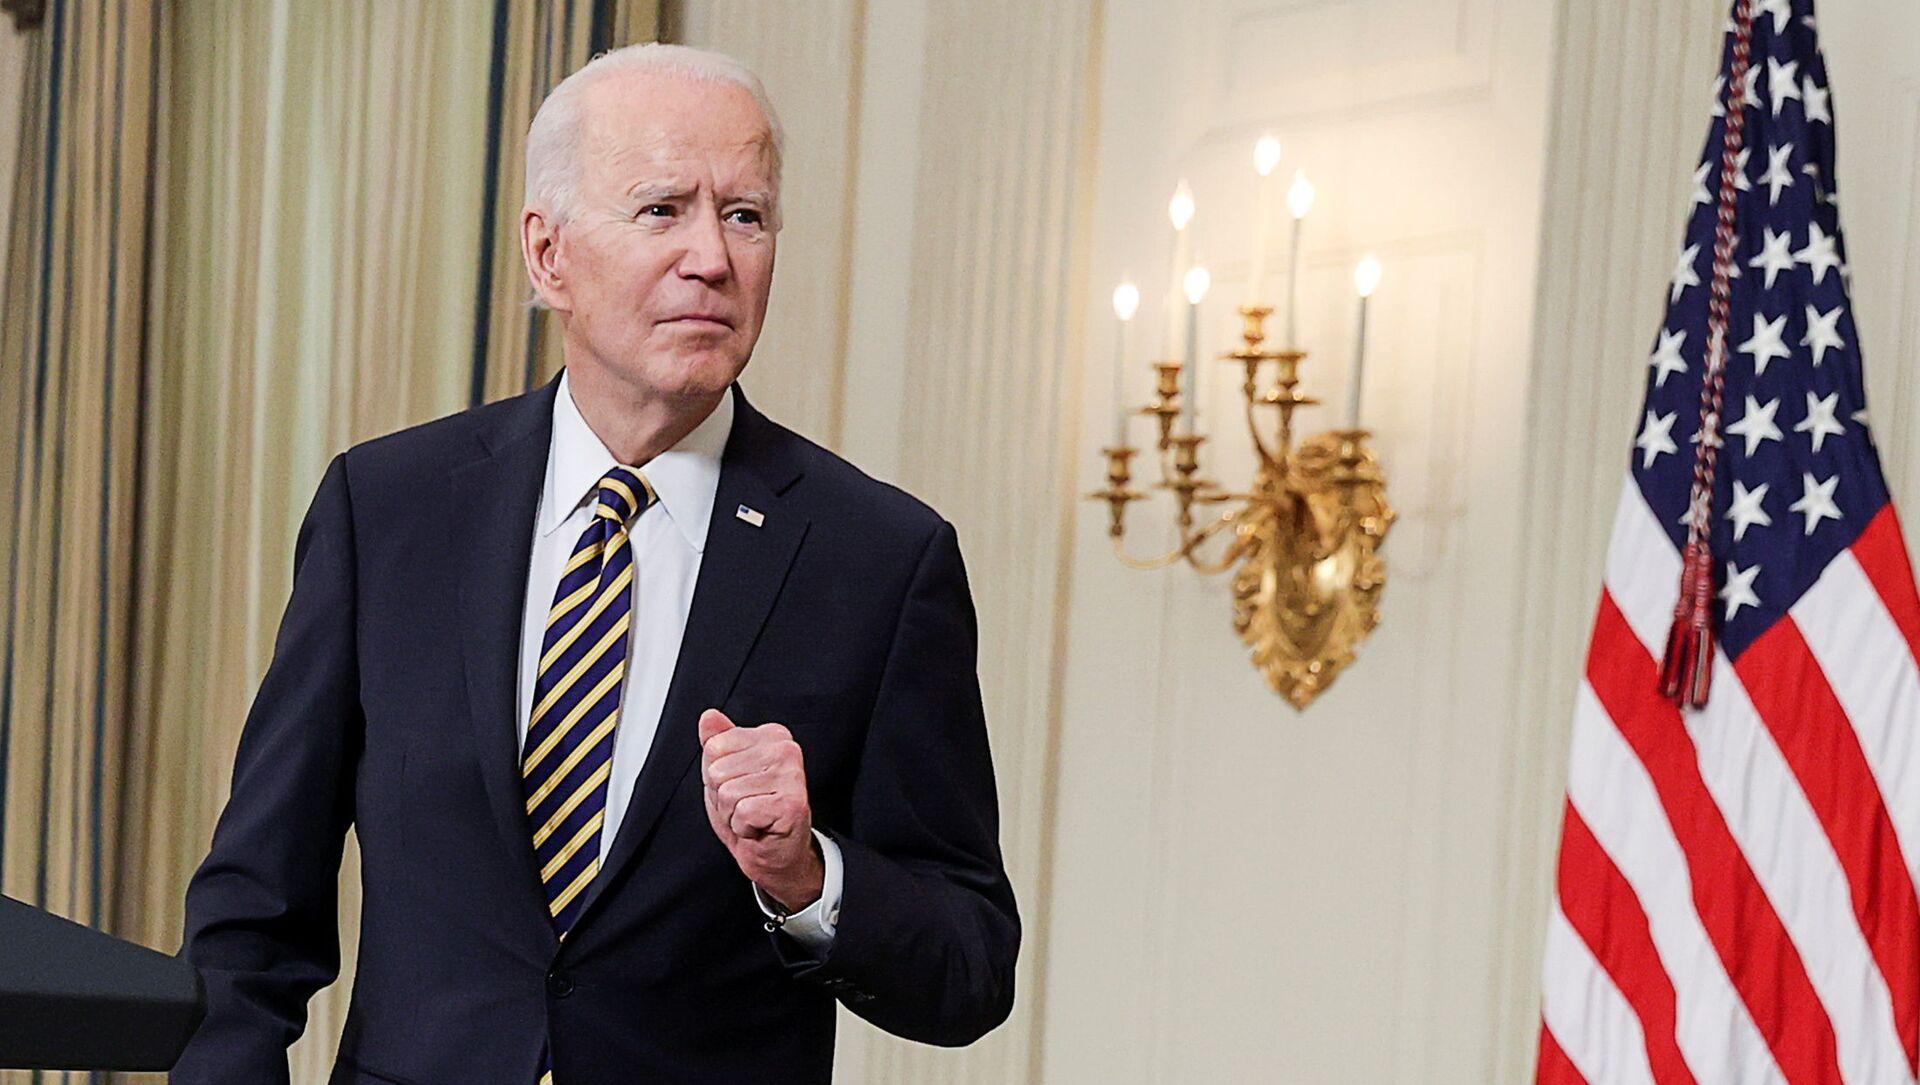 Americký prezident Joe Biden - Sputnik Česká republika, 1920, 19.03.2021